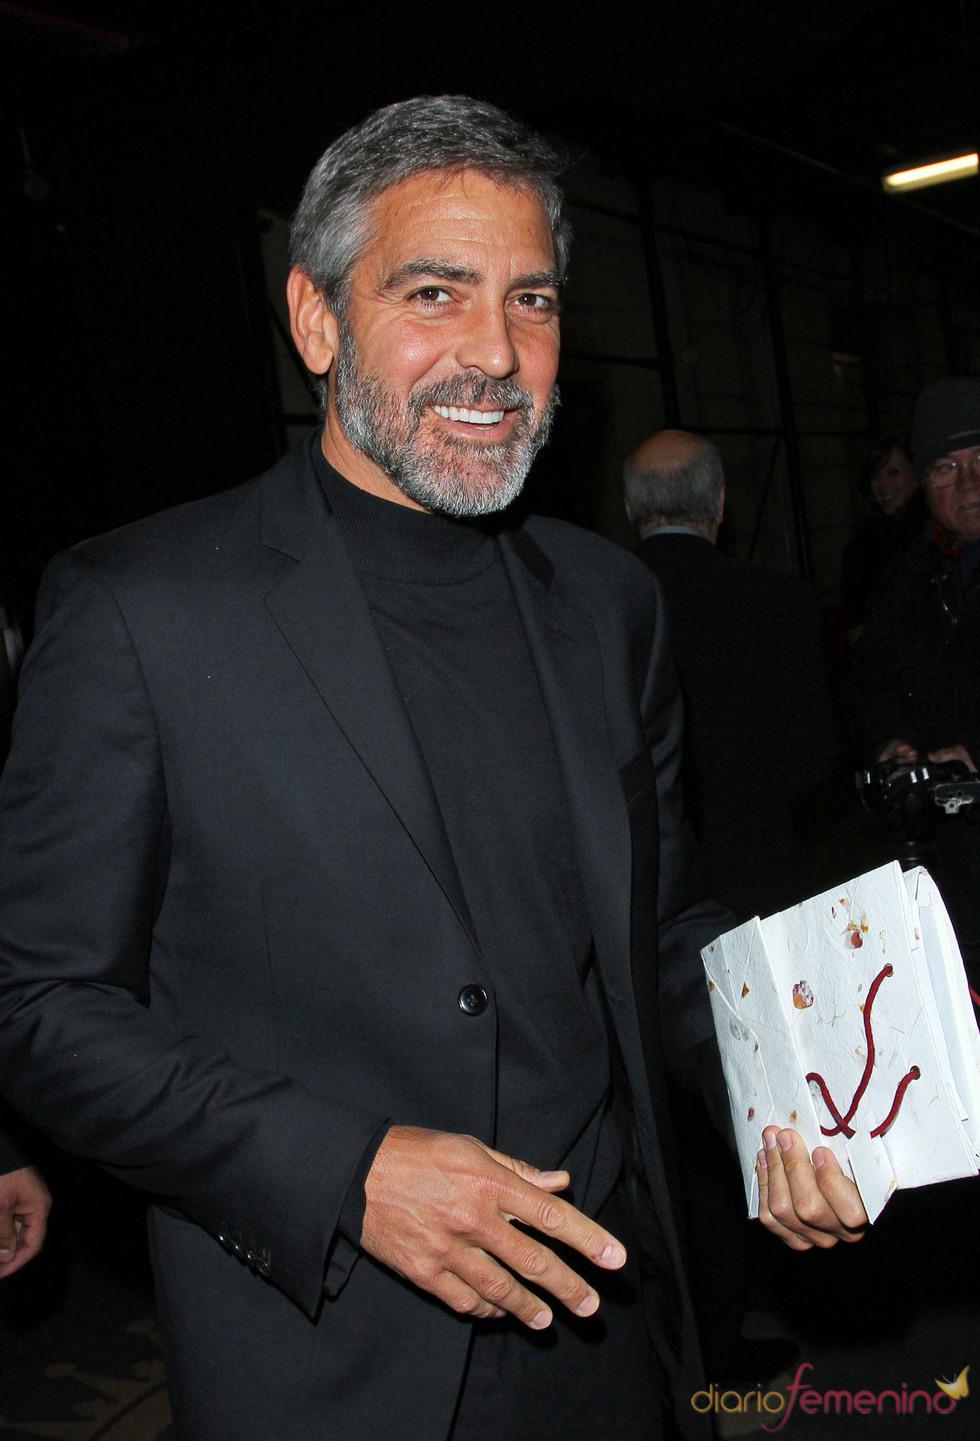 George Clooney con barba